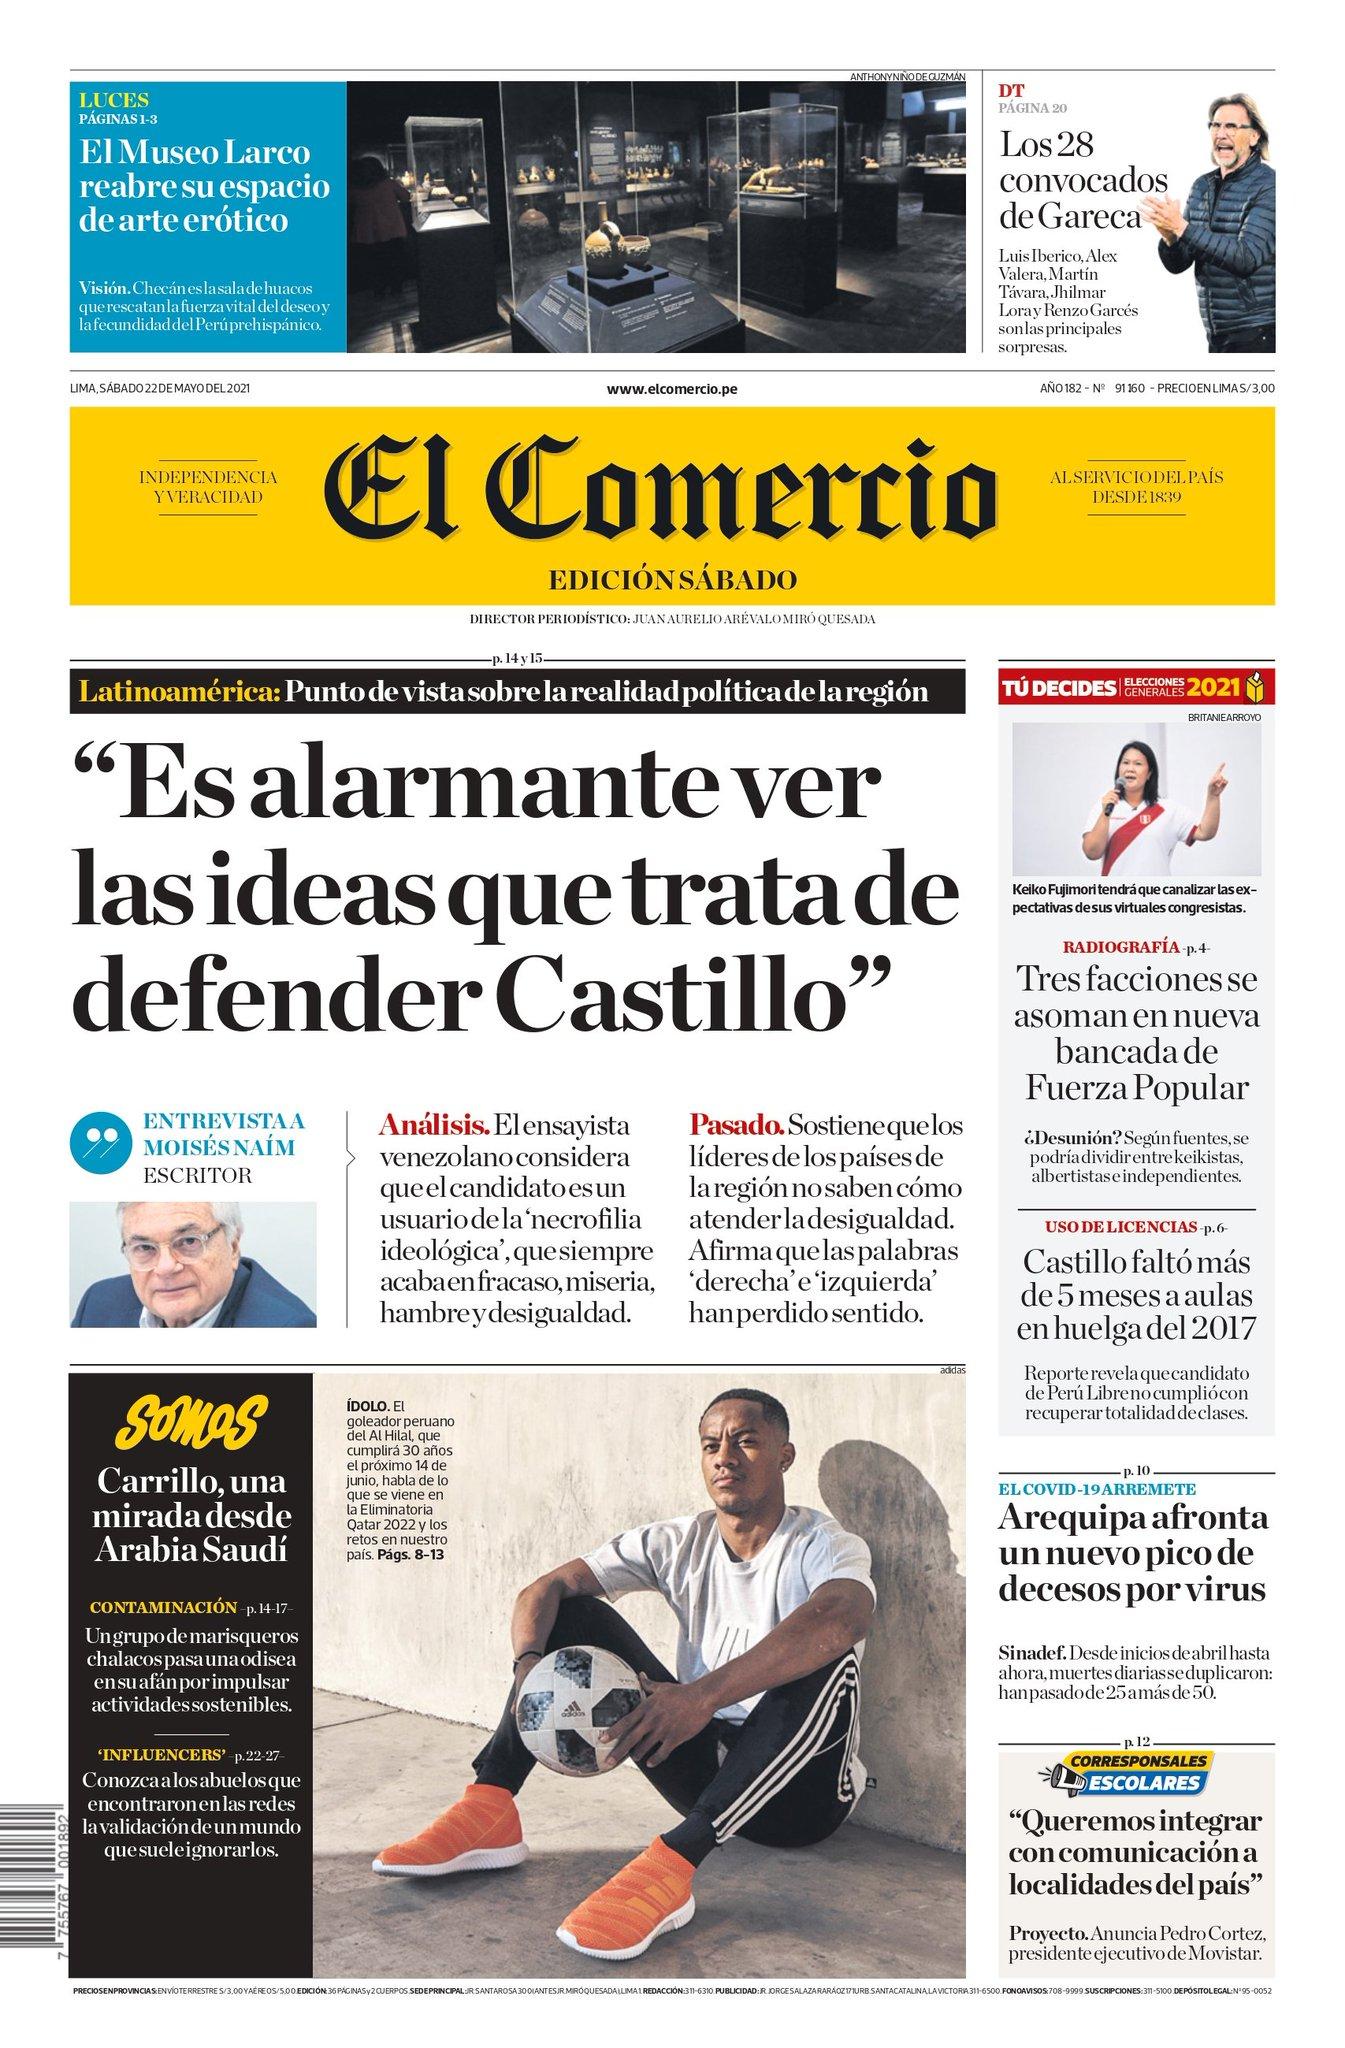 Pedro Castillo Foto,Pedro Castillo está en tendencia en Twitter - Los tweets más populares